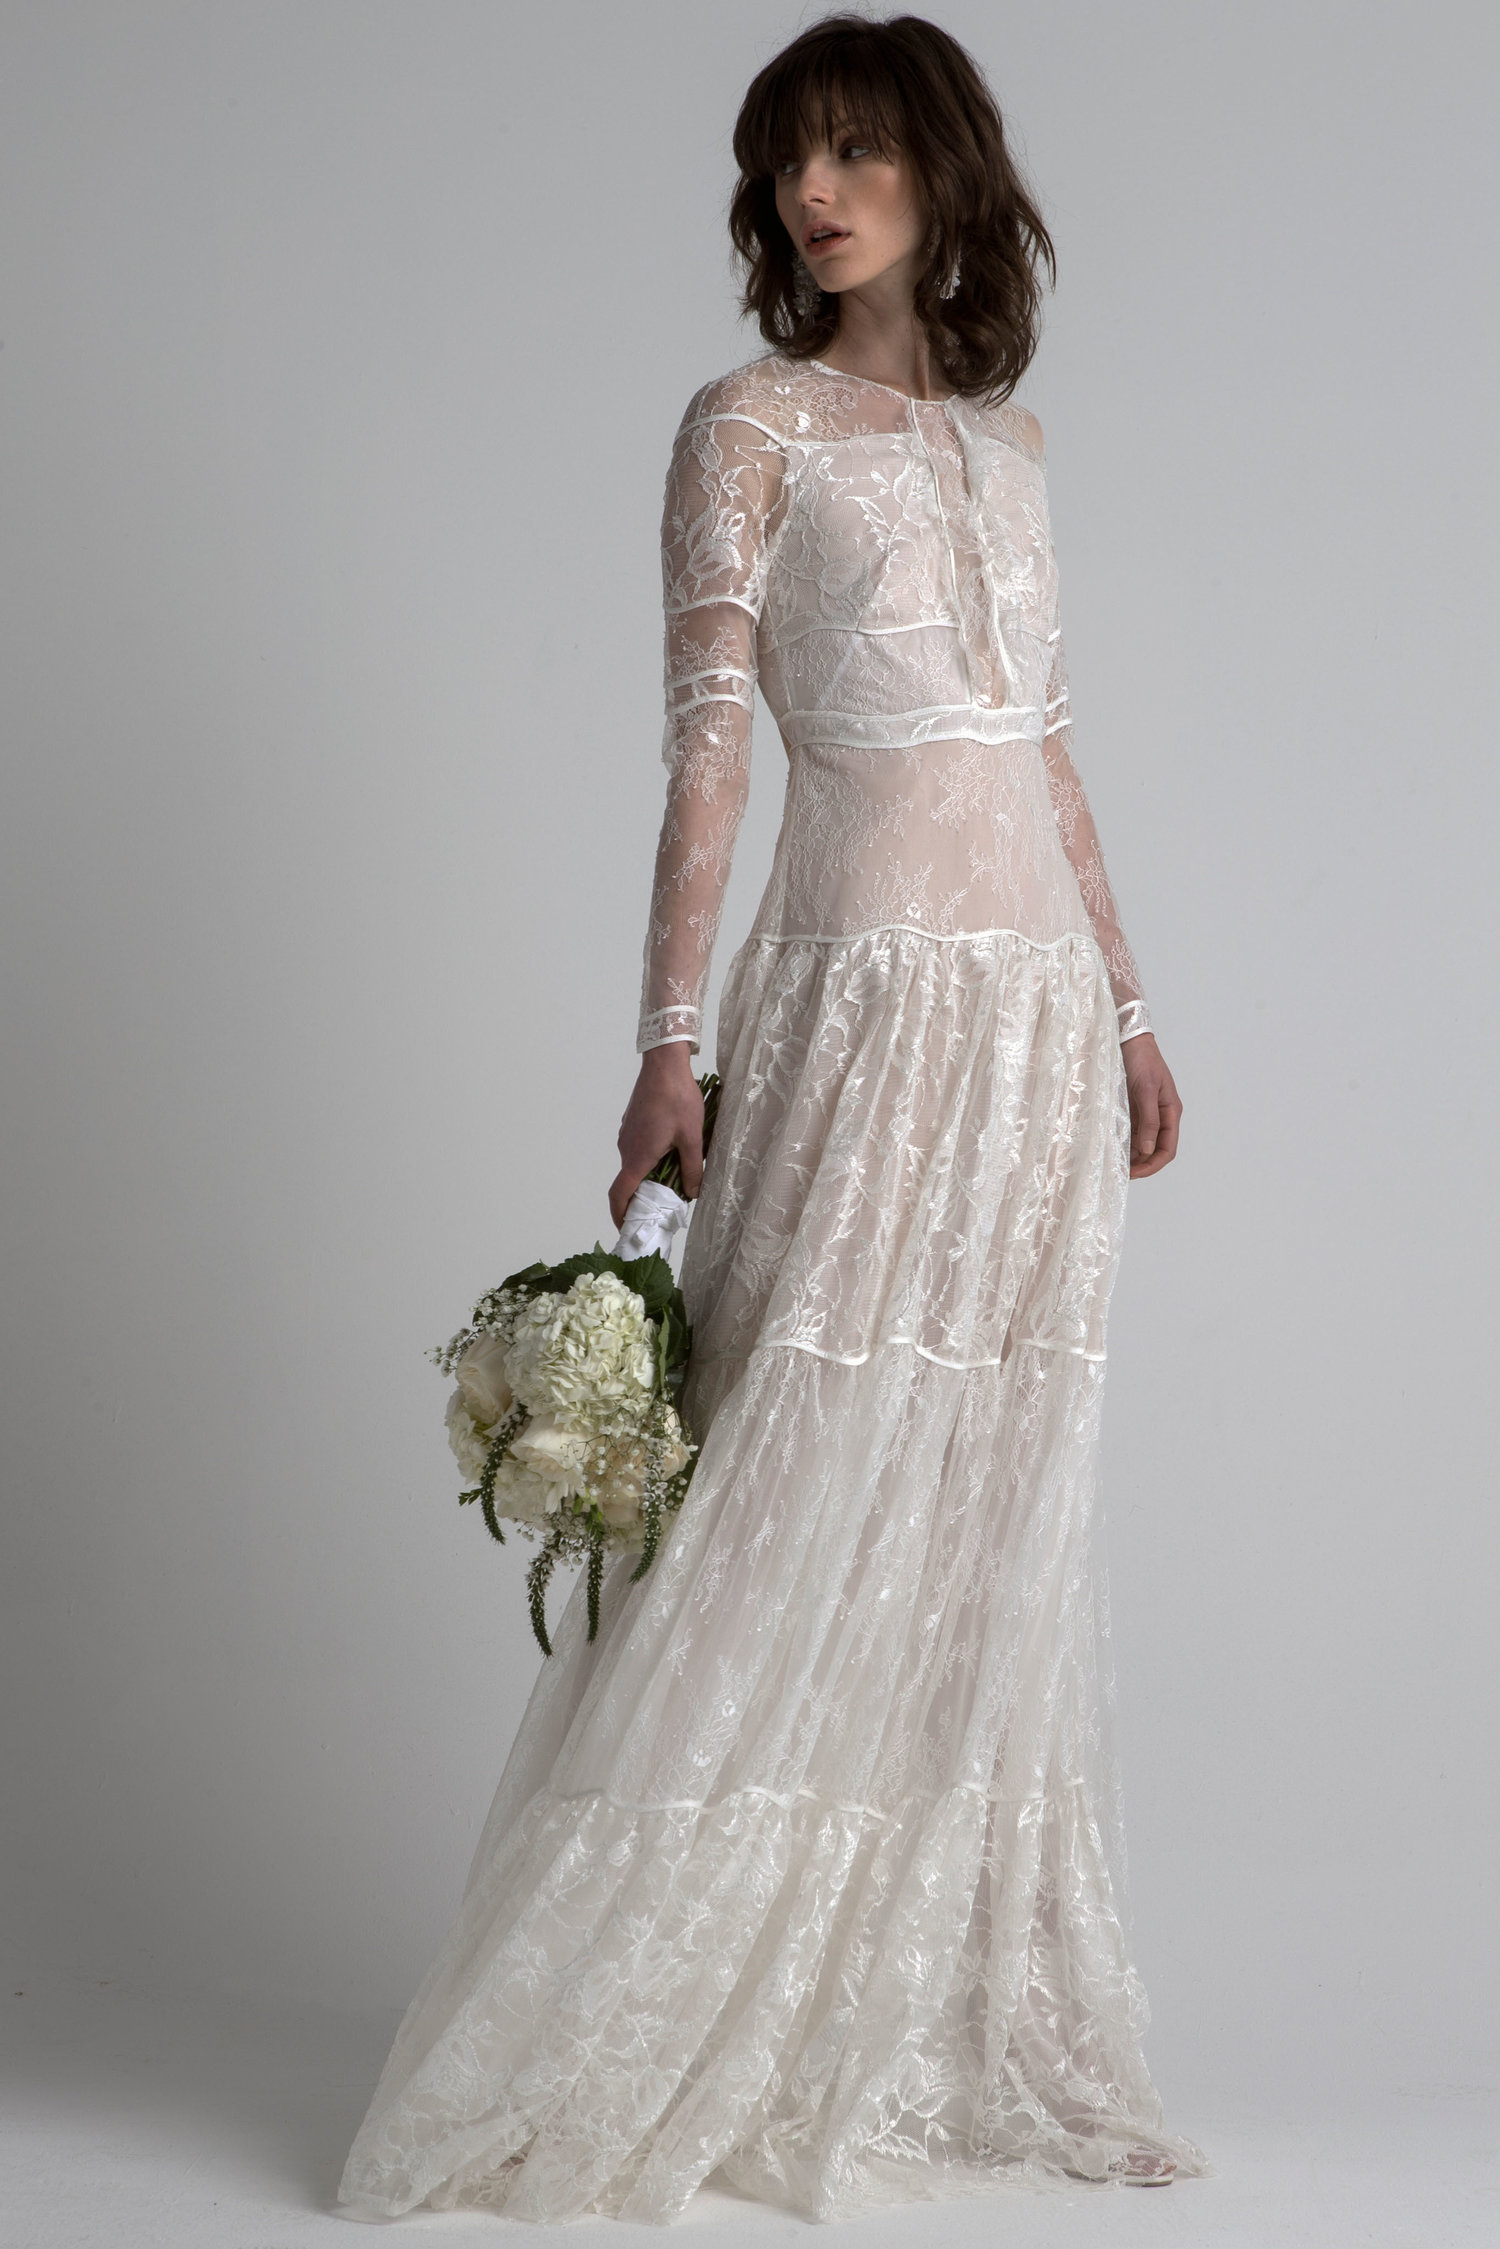 sarchin bridal2.jpg